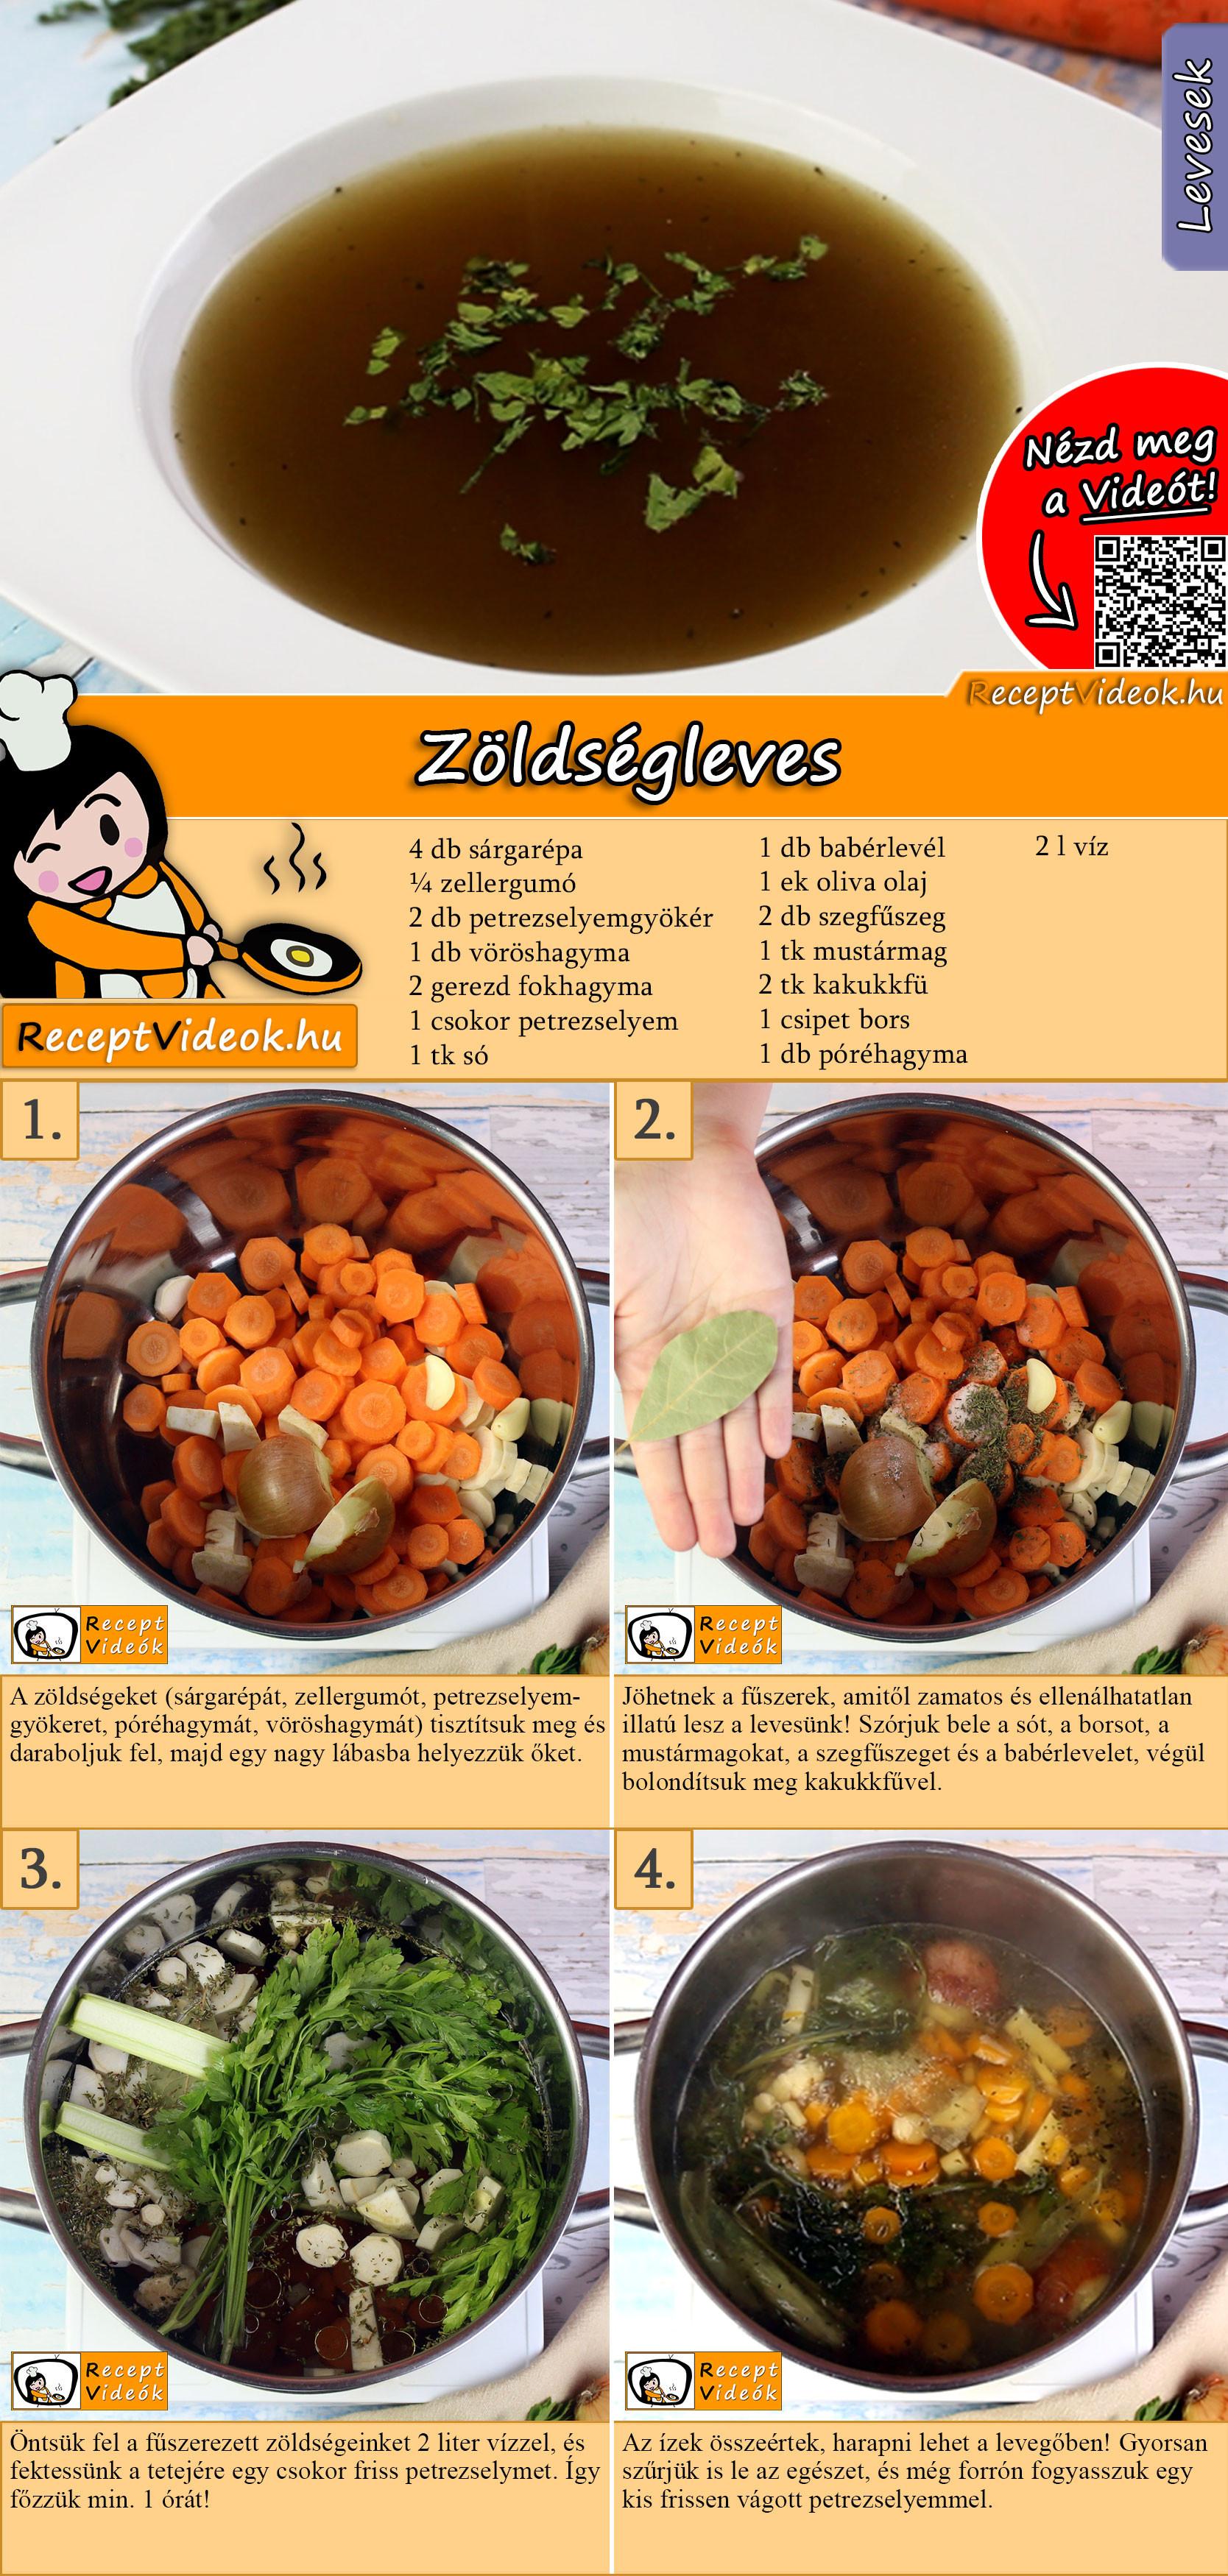 Zöldségleves recept elkészítése videóval